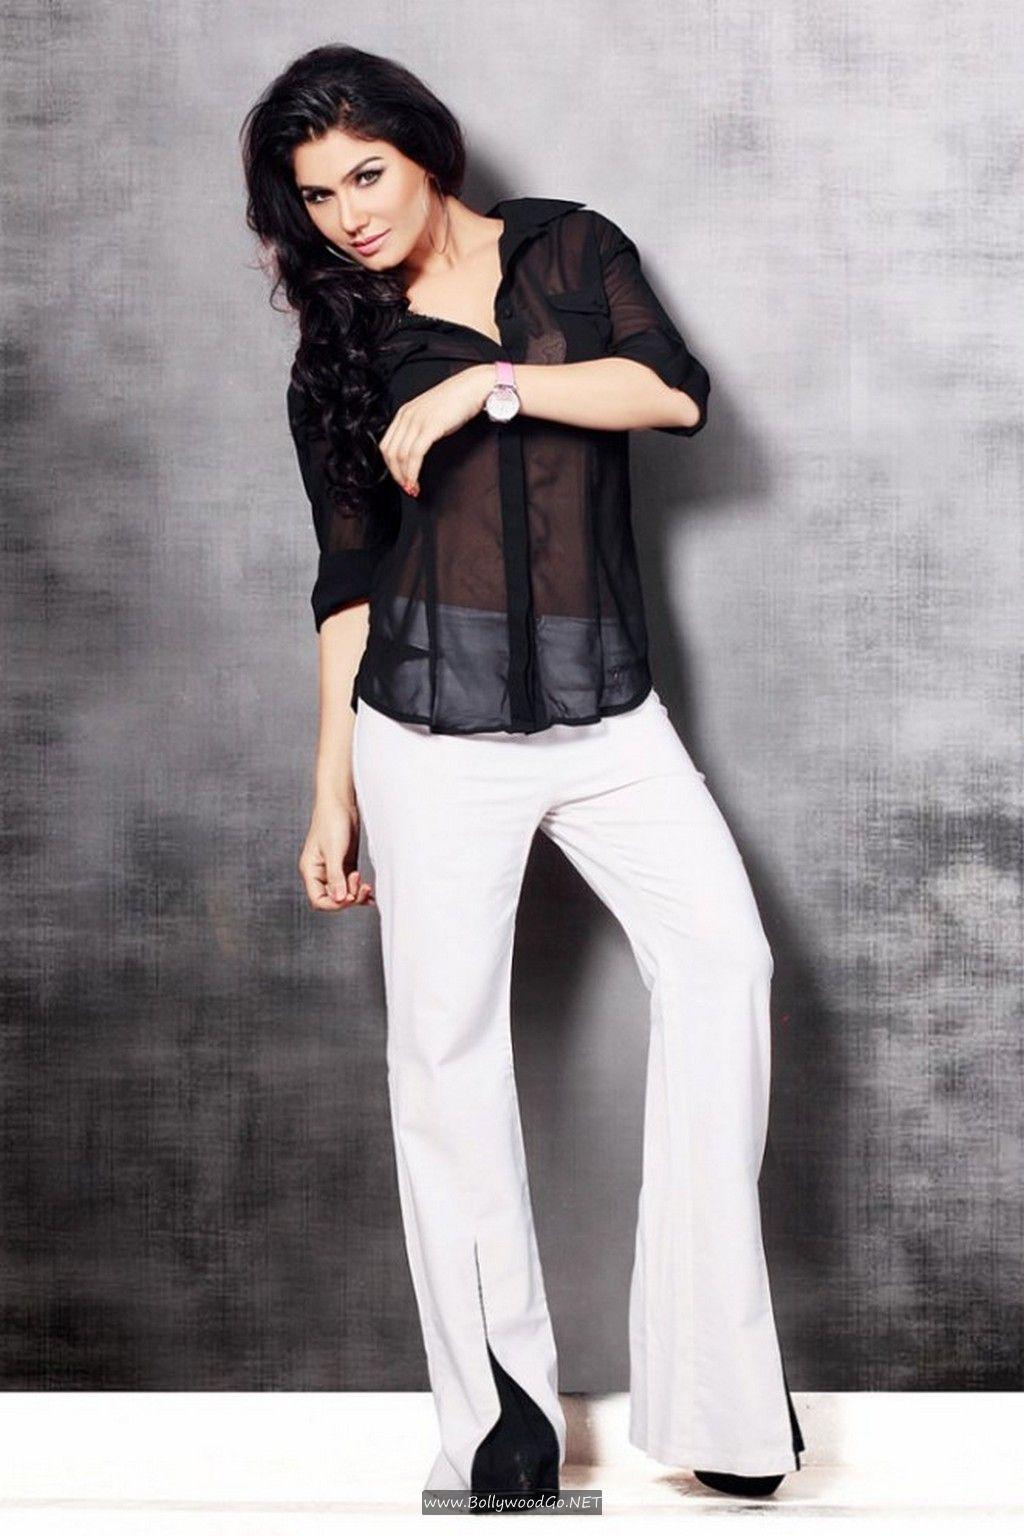 Kangana Sharma Hot Images in Black Shirt And White Pent Kangana-Sharma-Hot-Images-8